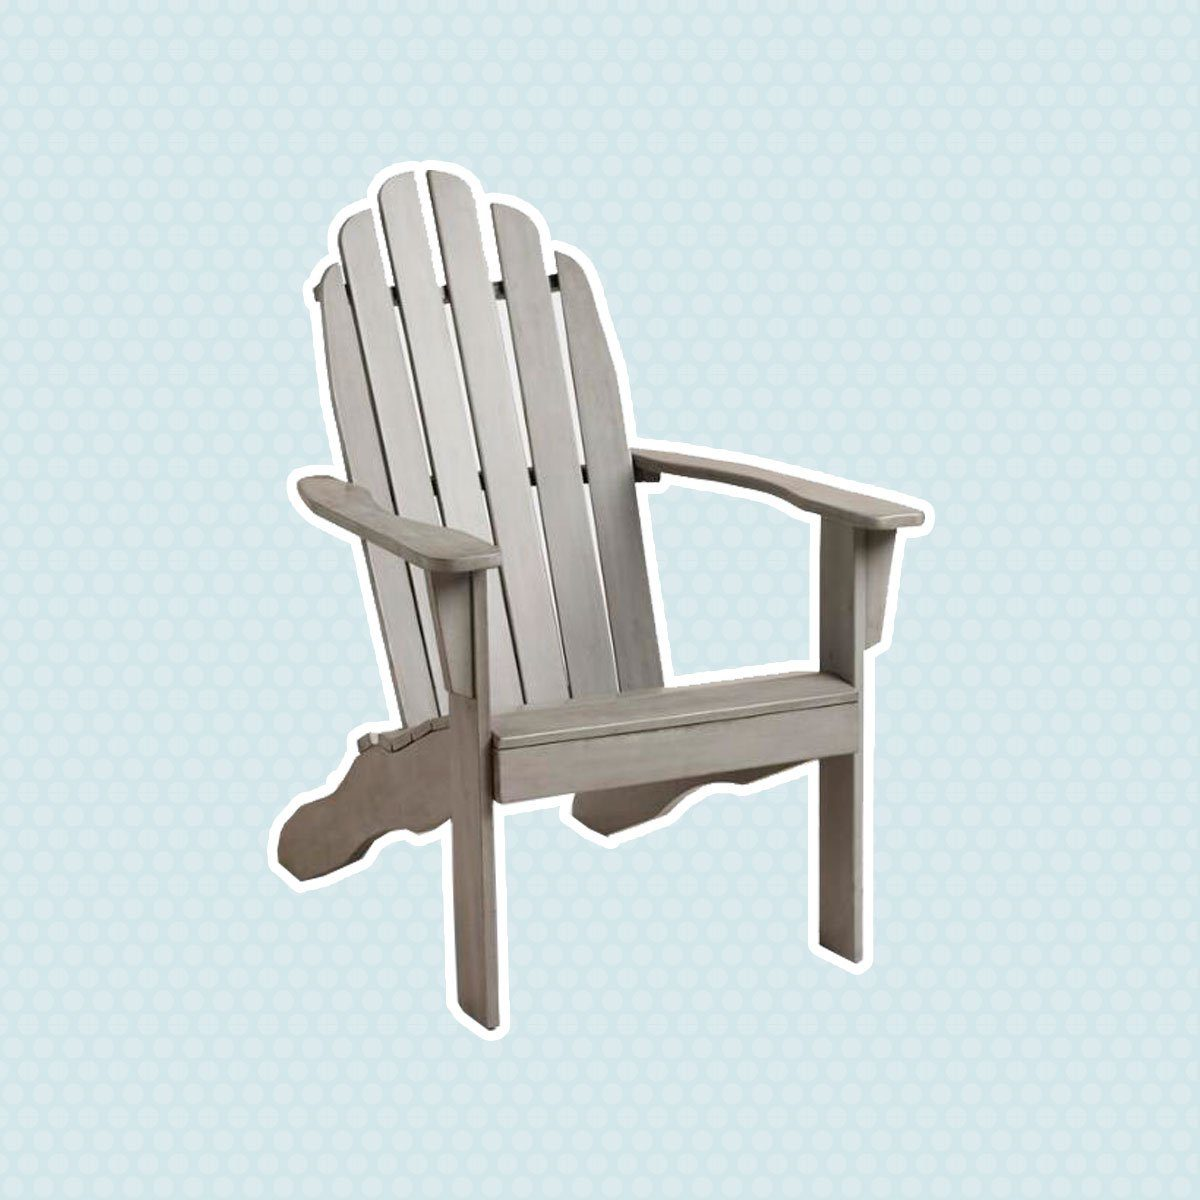 Gray Adirondack Chair